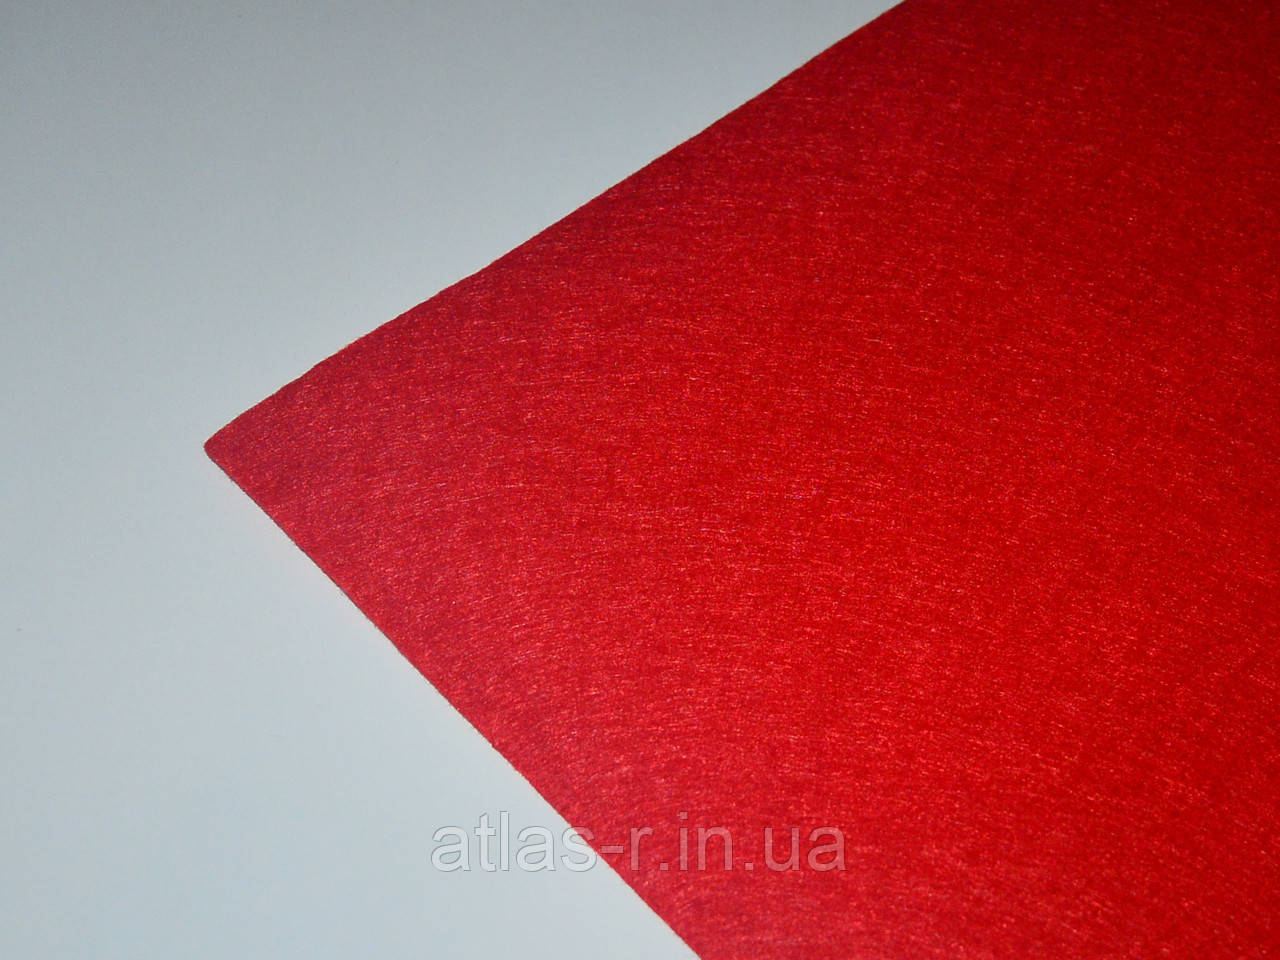 Мягкий фетр для рукоделия красный, алый листовой 1,3 мм